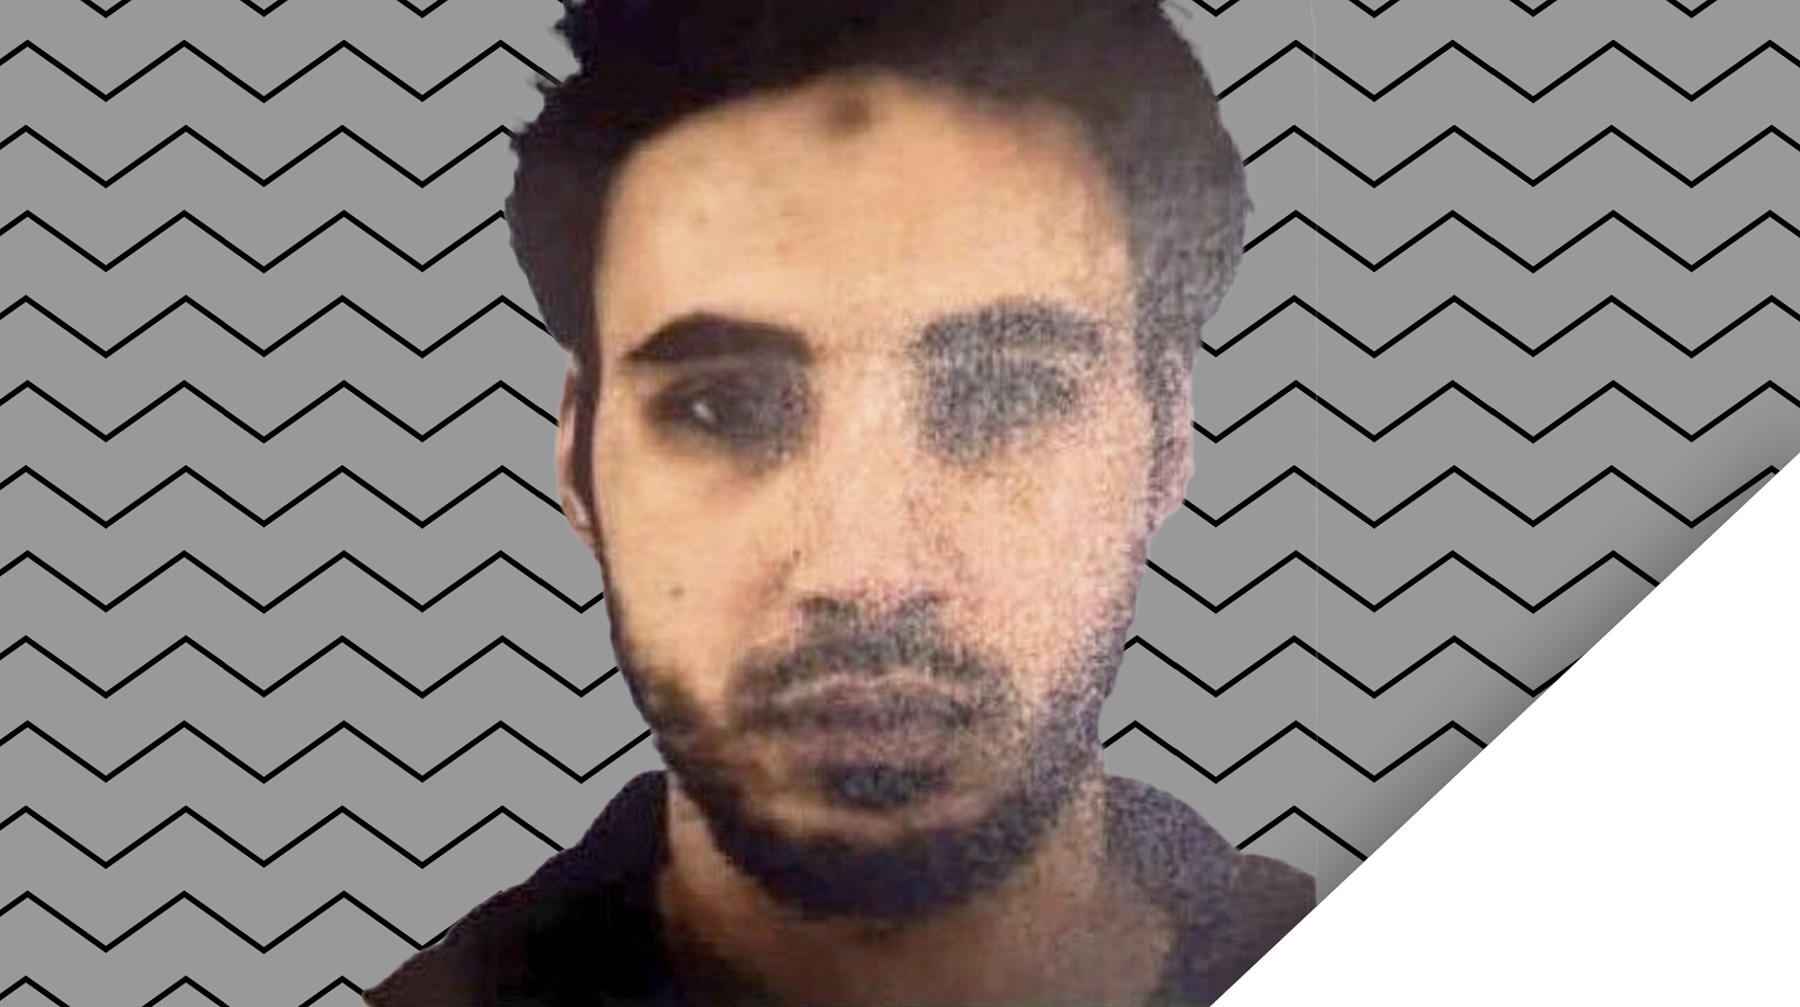 Милиция Франции ищет человека, открывшего стрельбу наярмарке вСтрасбурге